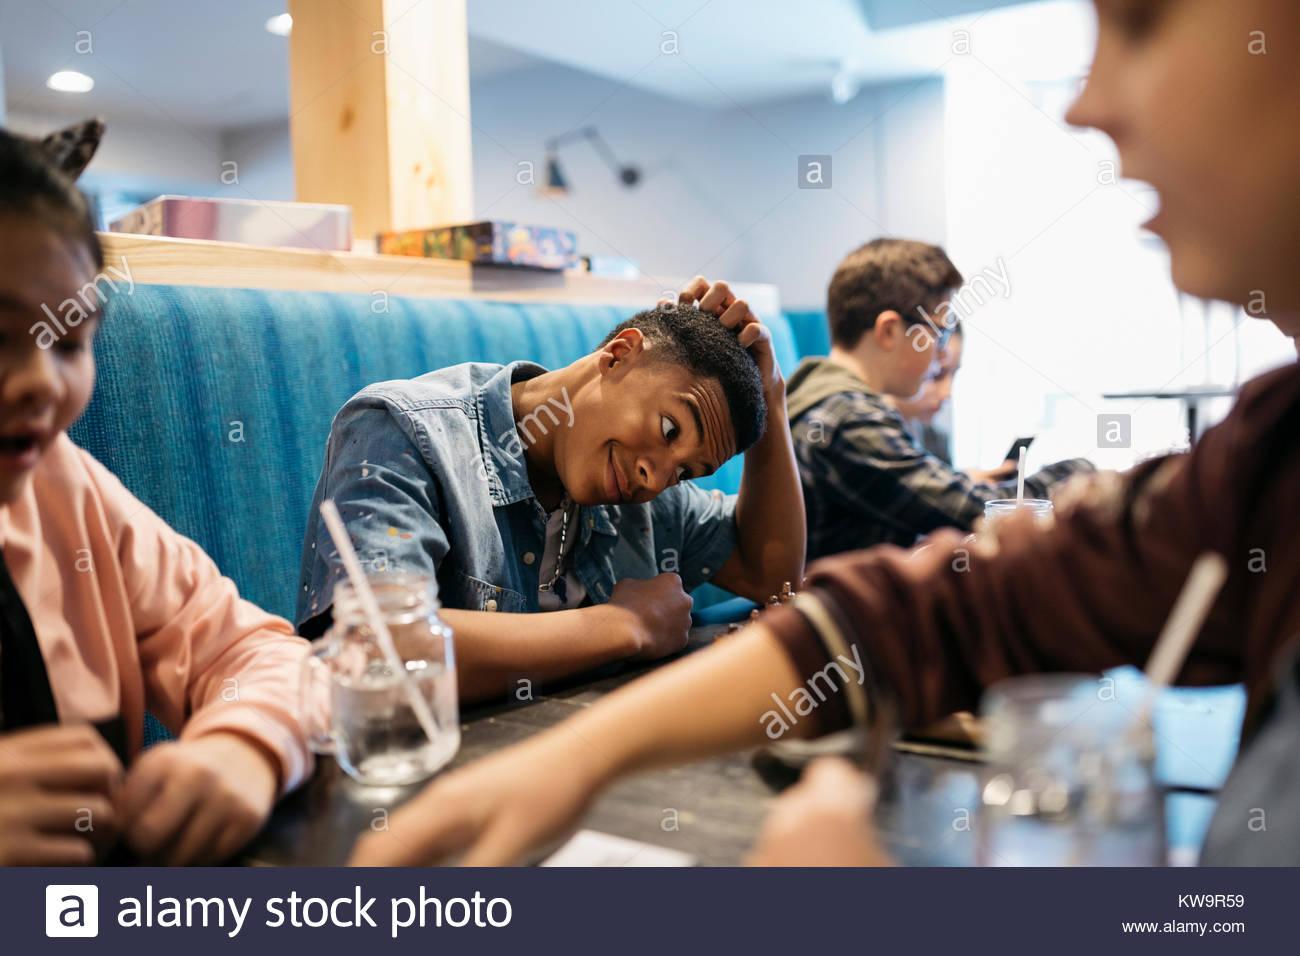 Tween ragazzo giocando con un amico al tavolo del bar Immagini Stock